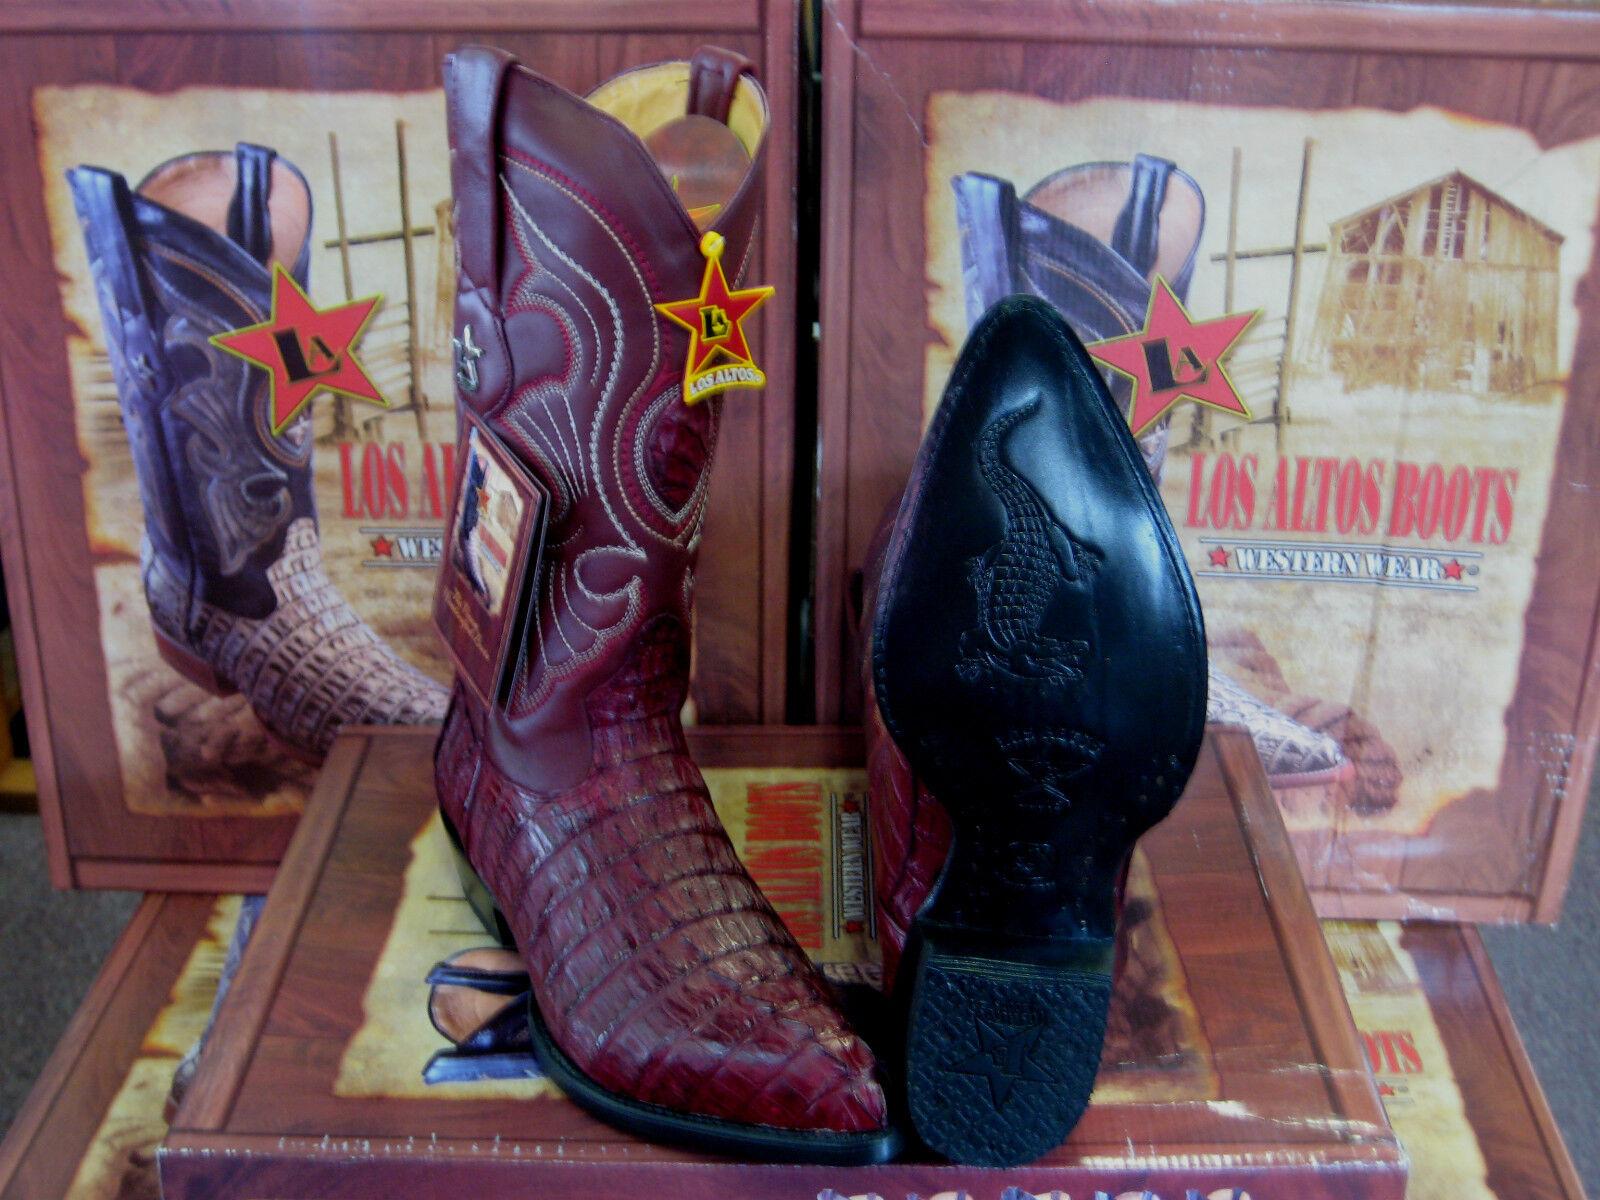 Los altos Mujeres Borgoña Original Bota de vaquero vaquero vaquero occidental de cola de cocodrilo (M) L091061  calidad fantástica